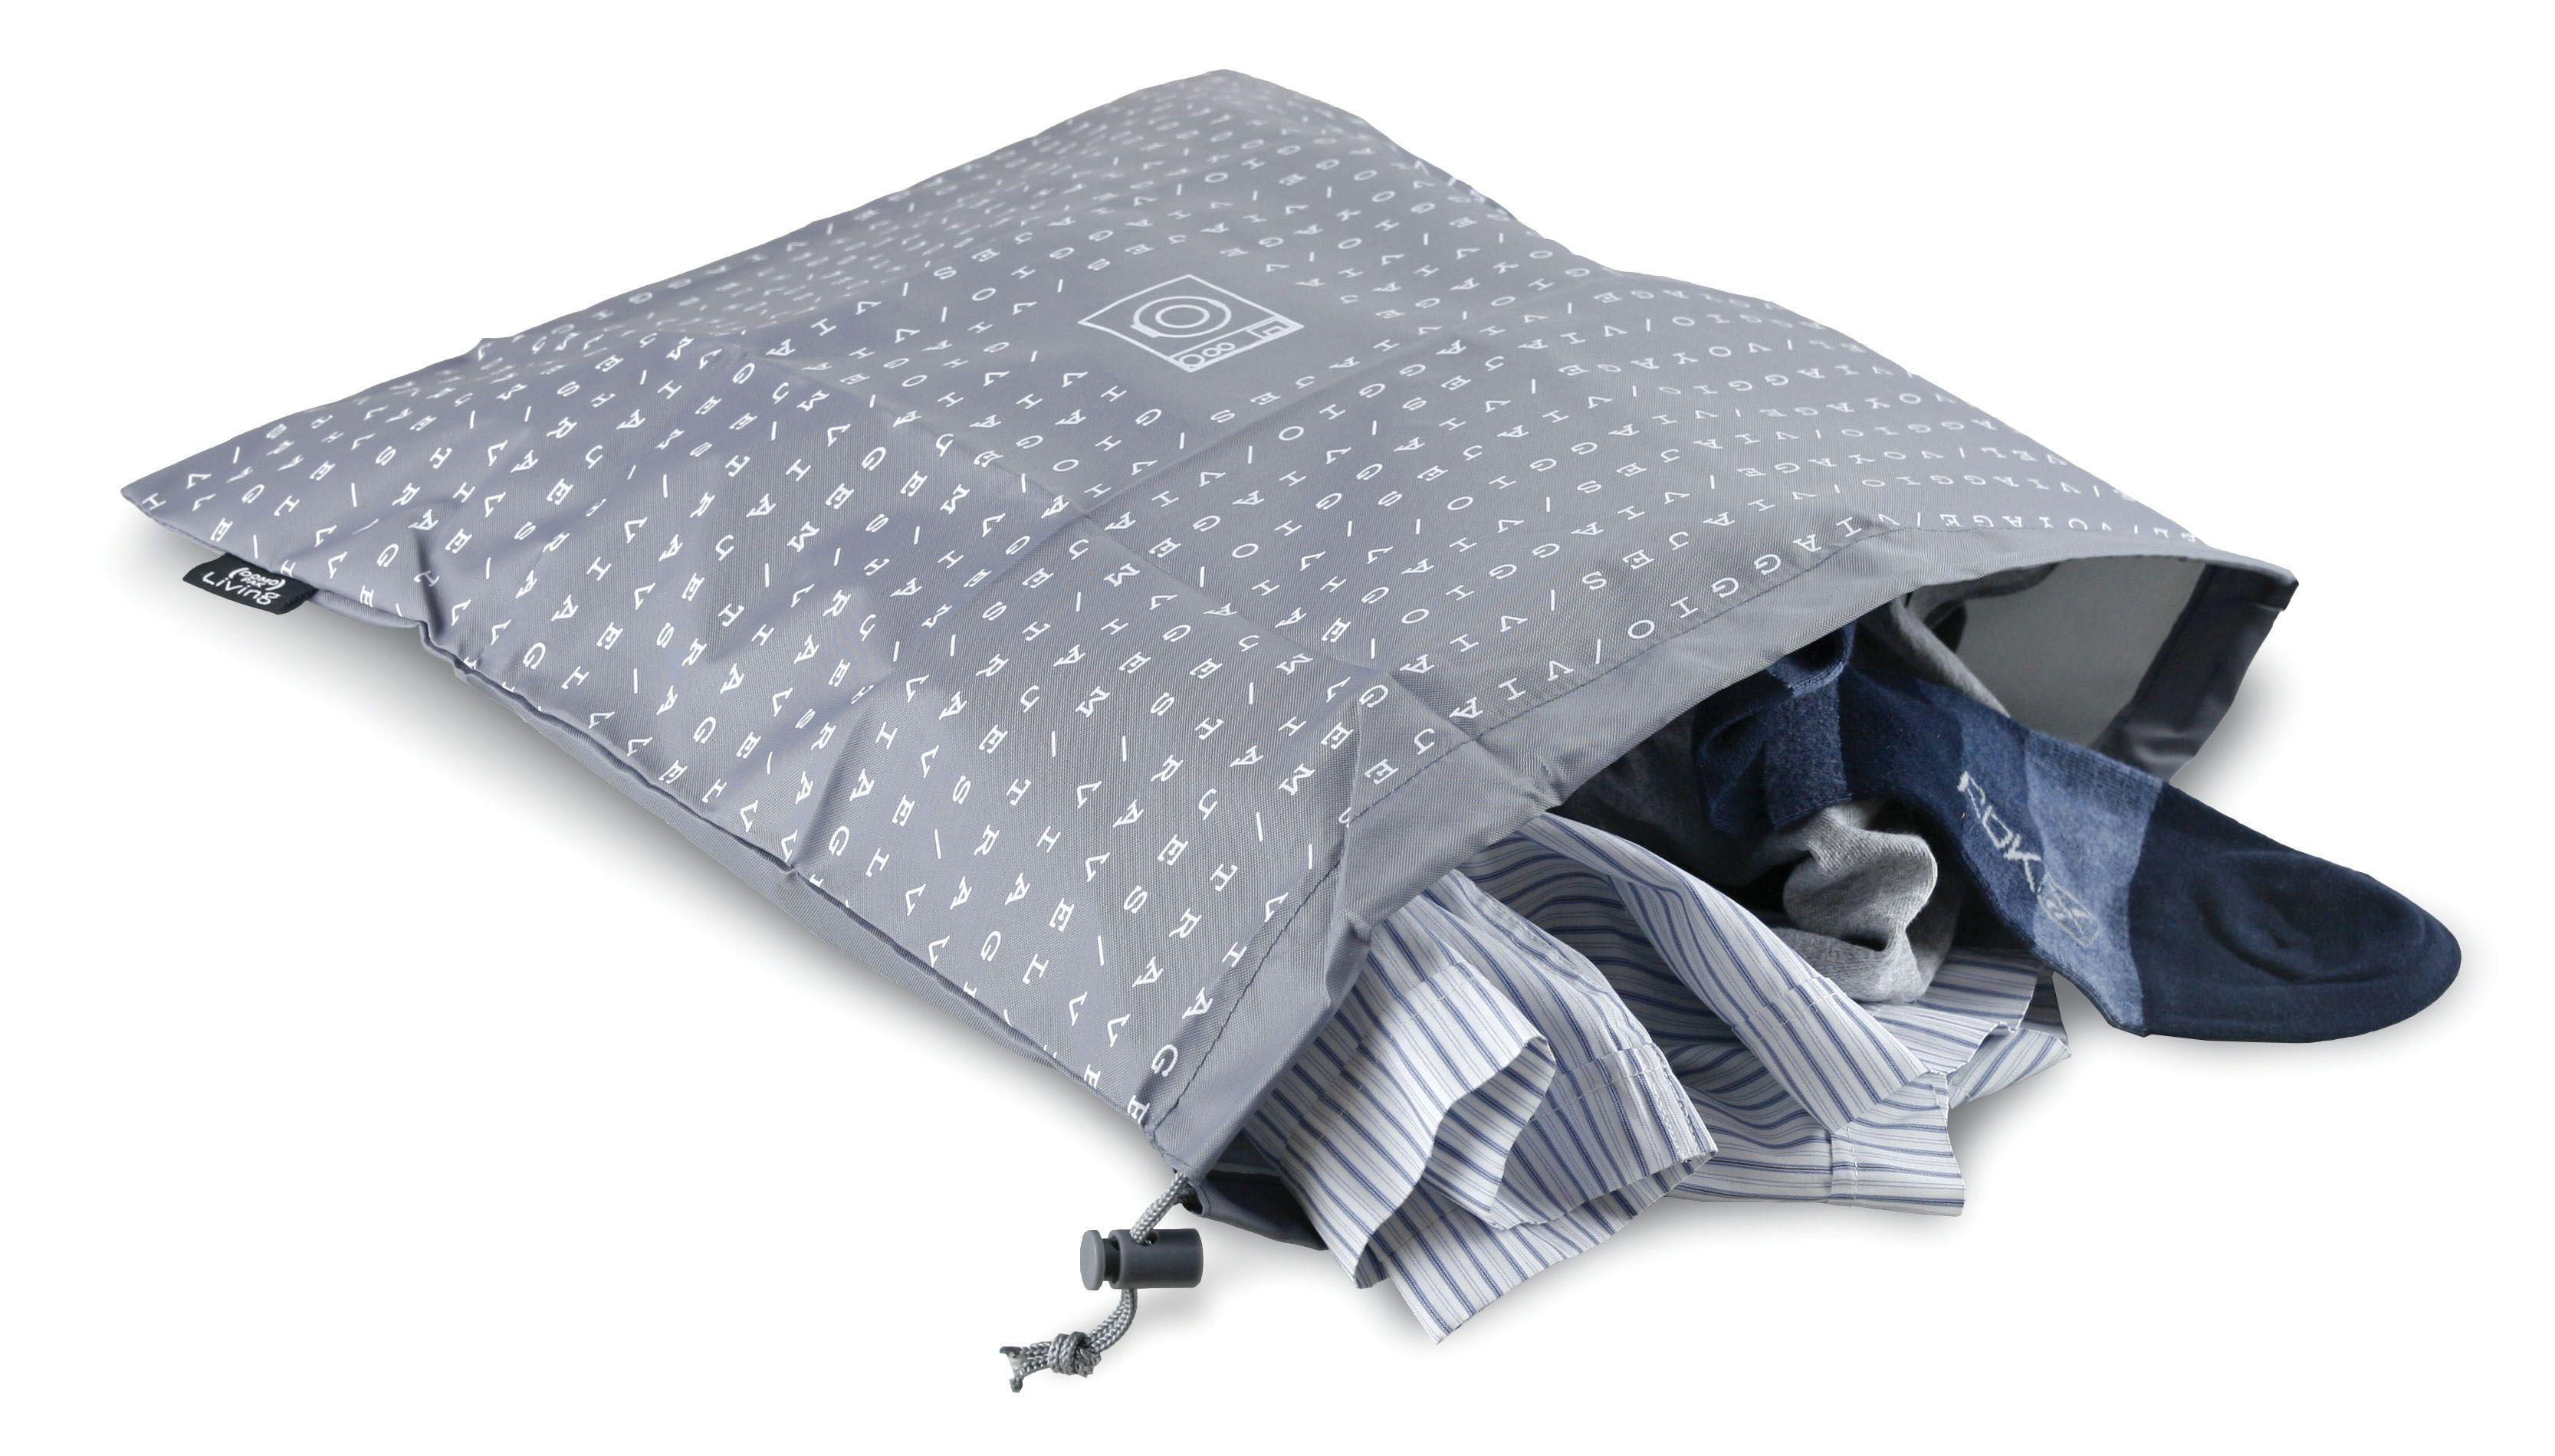 Husa textila pentru lenjerie, Sach Gri, L45xl40 cm imagine